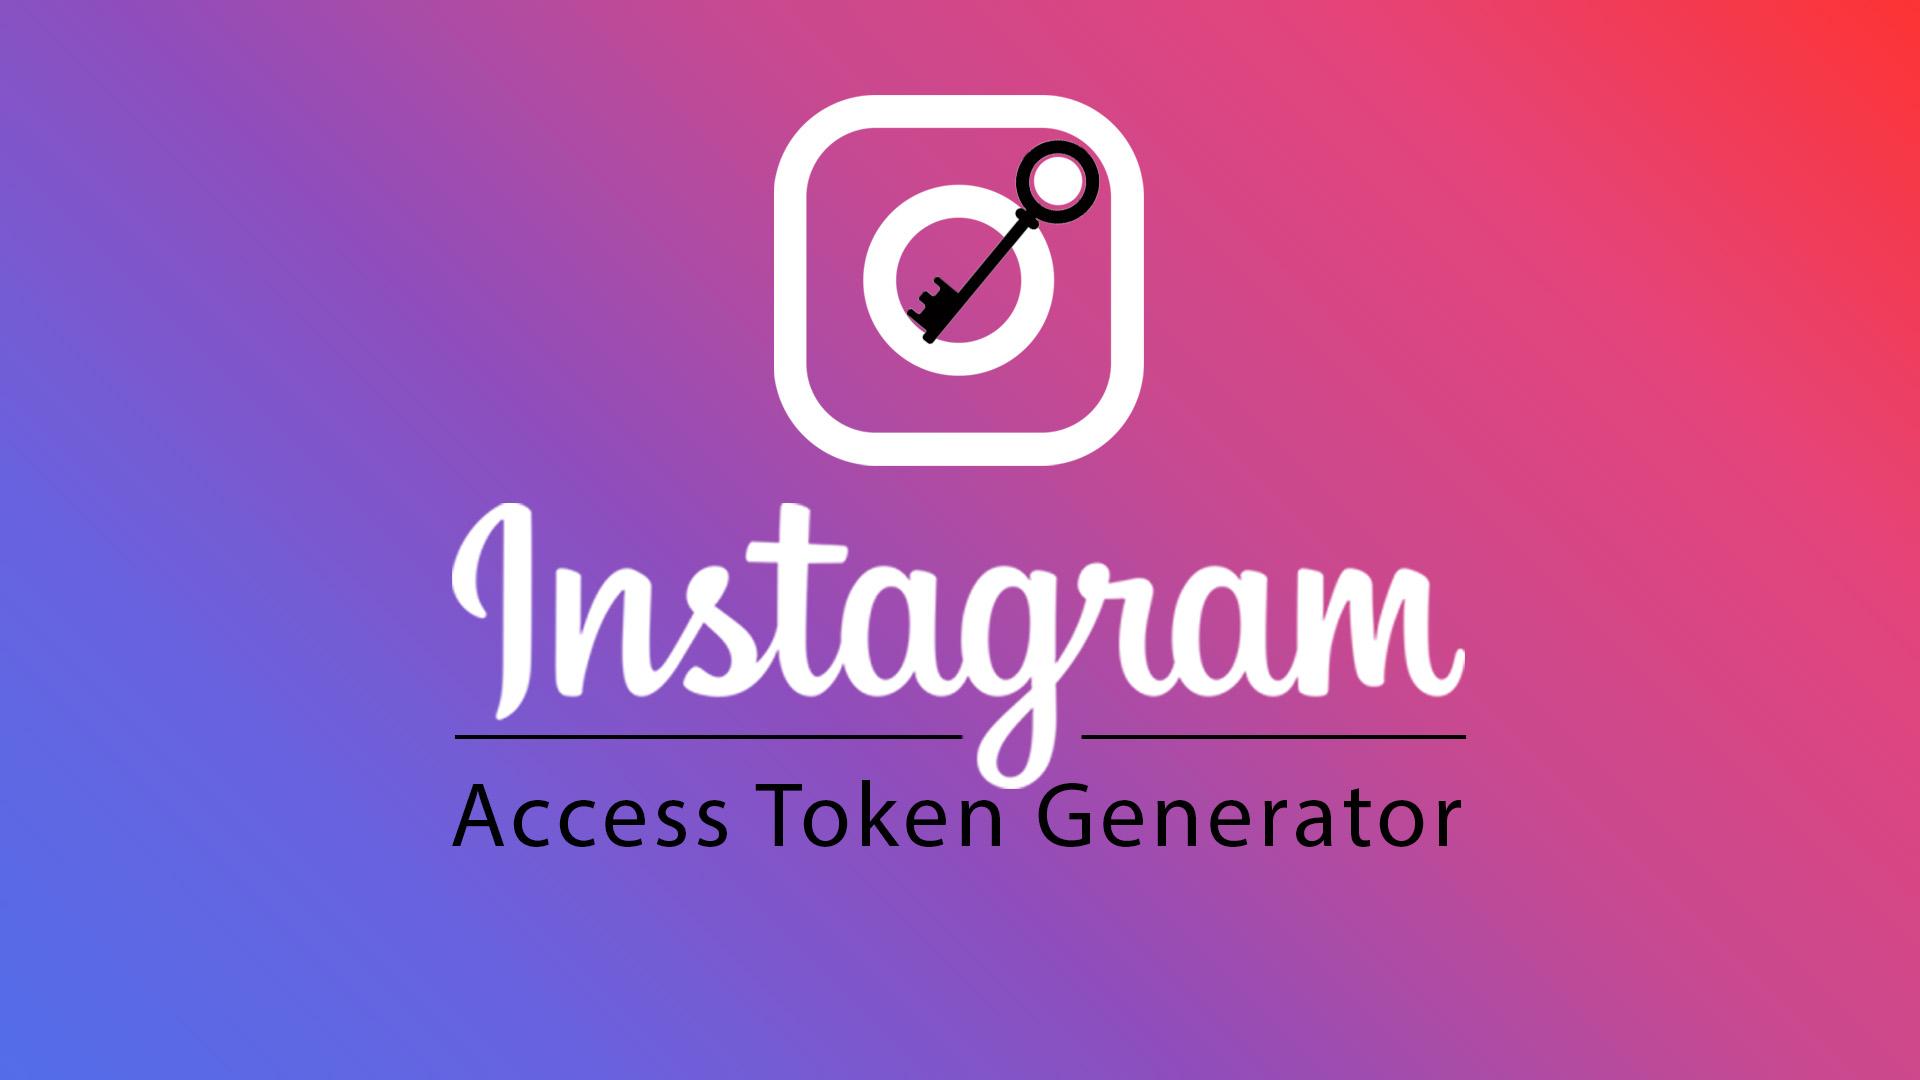 Instagram Access Token Generator